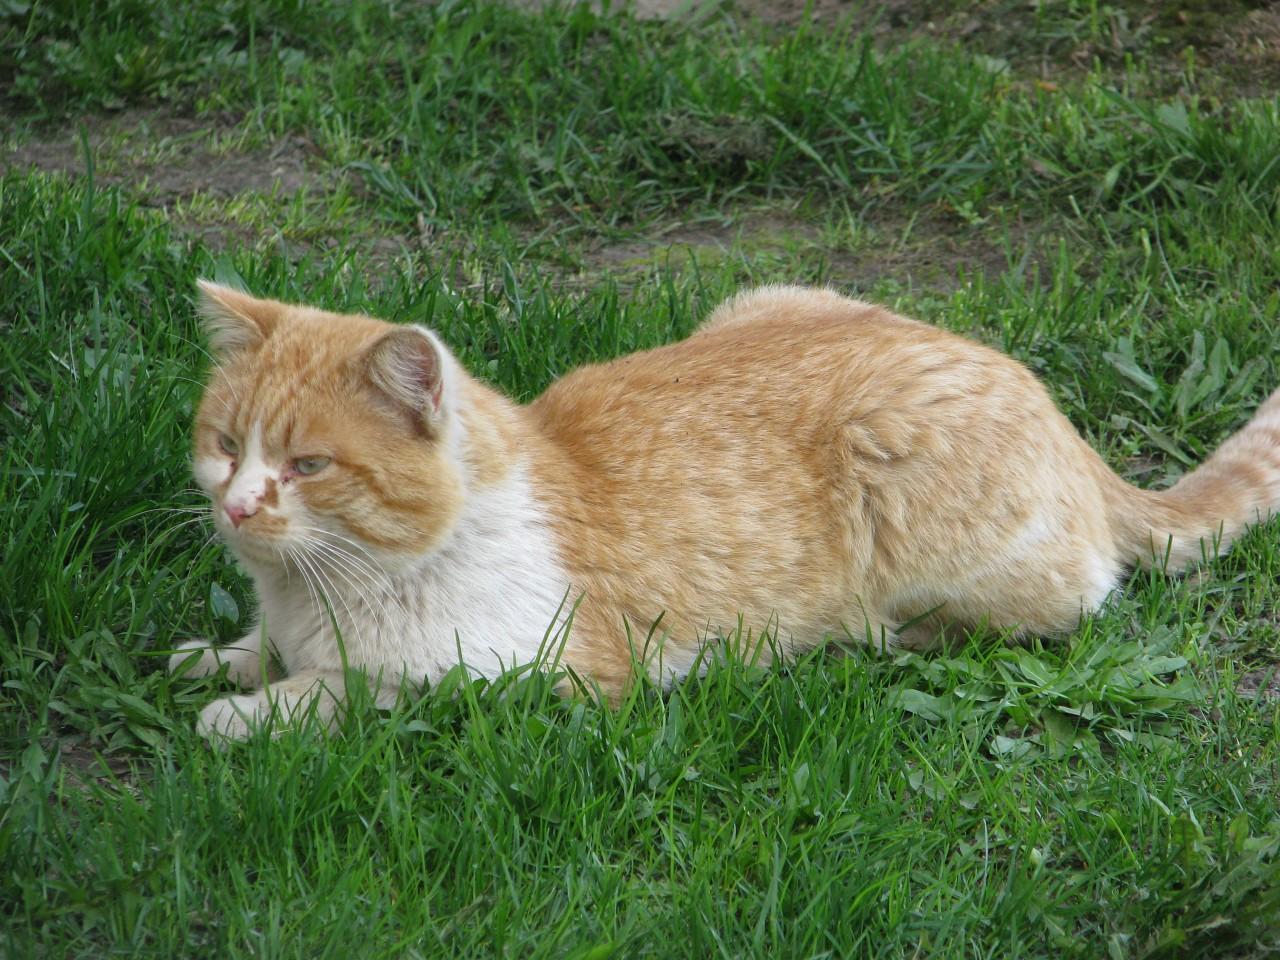 Братья наши меньшие: можно ли верить тому, что кошка лечит все болезни лучше стационара?